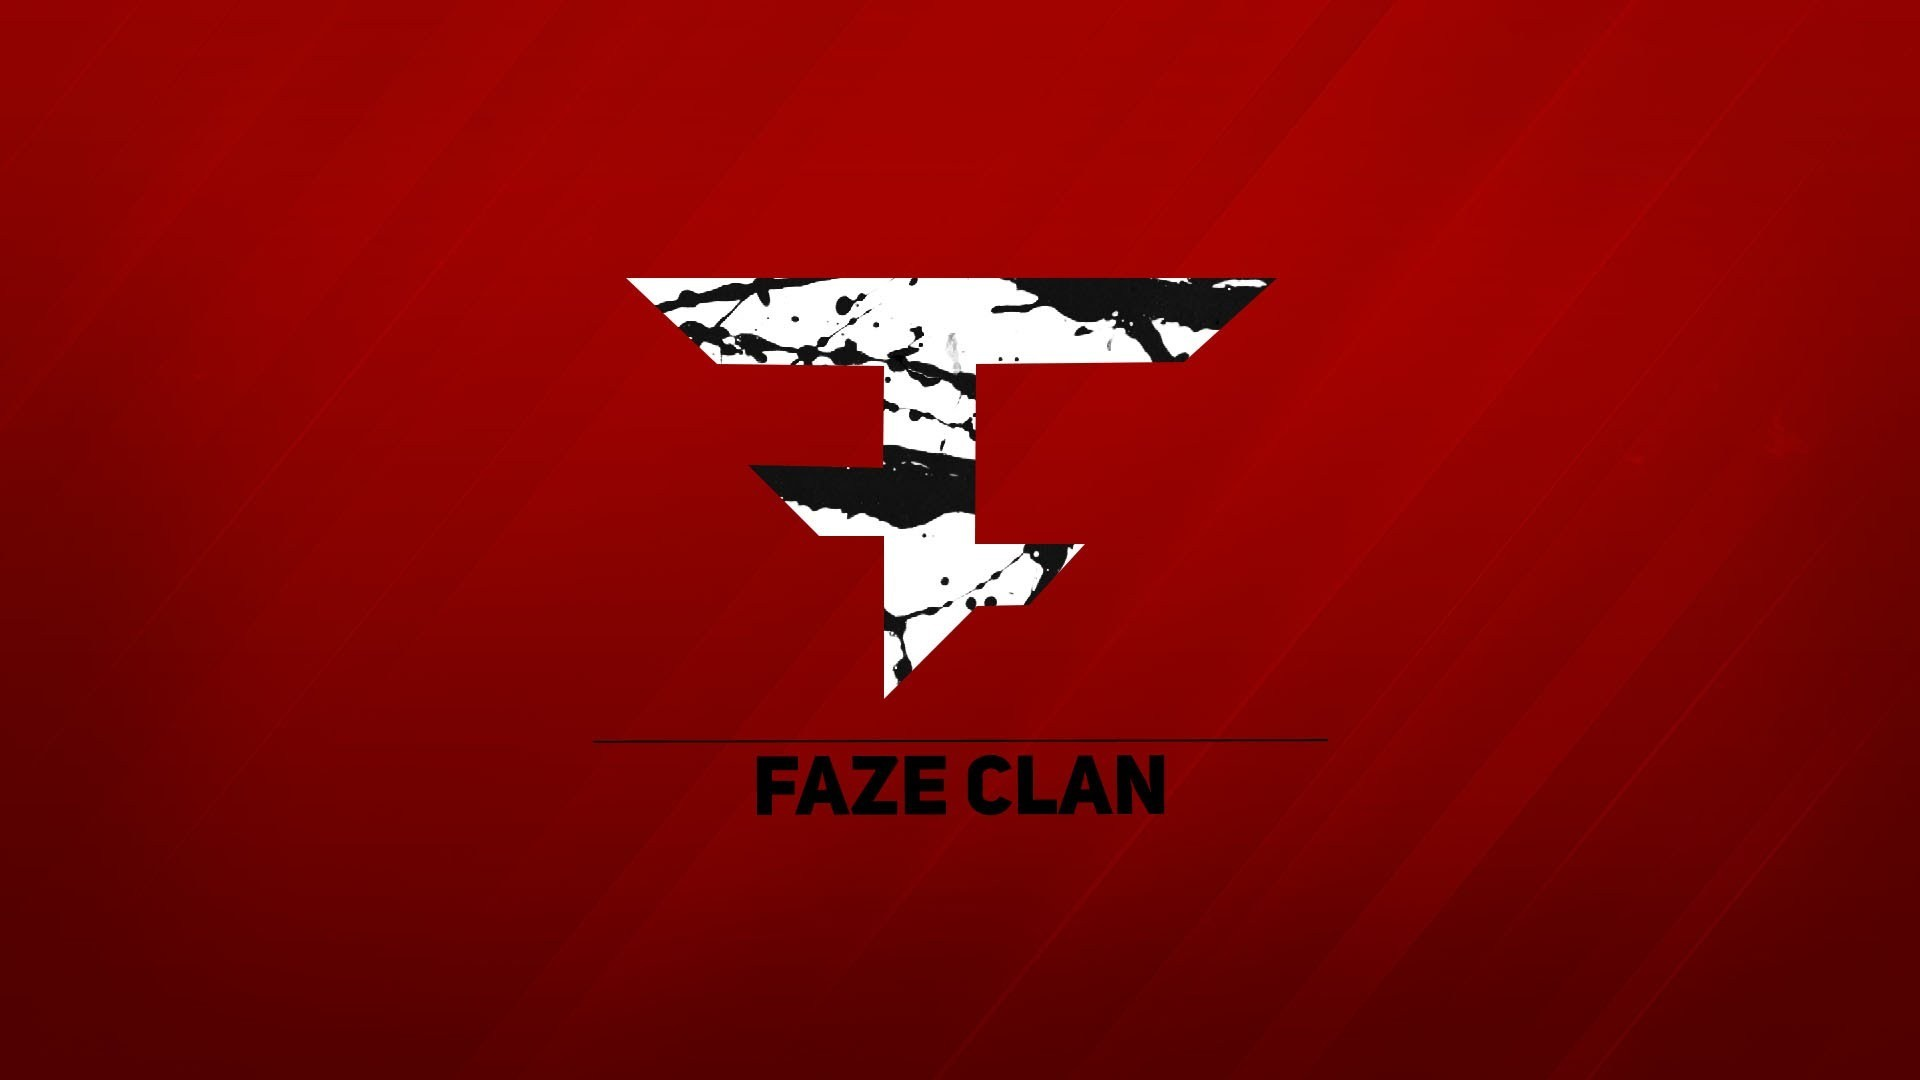 Faze Clan Wallpaper